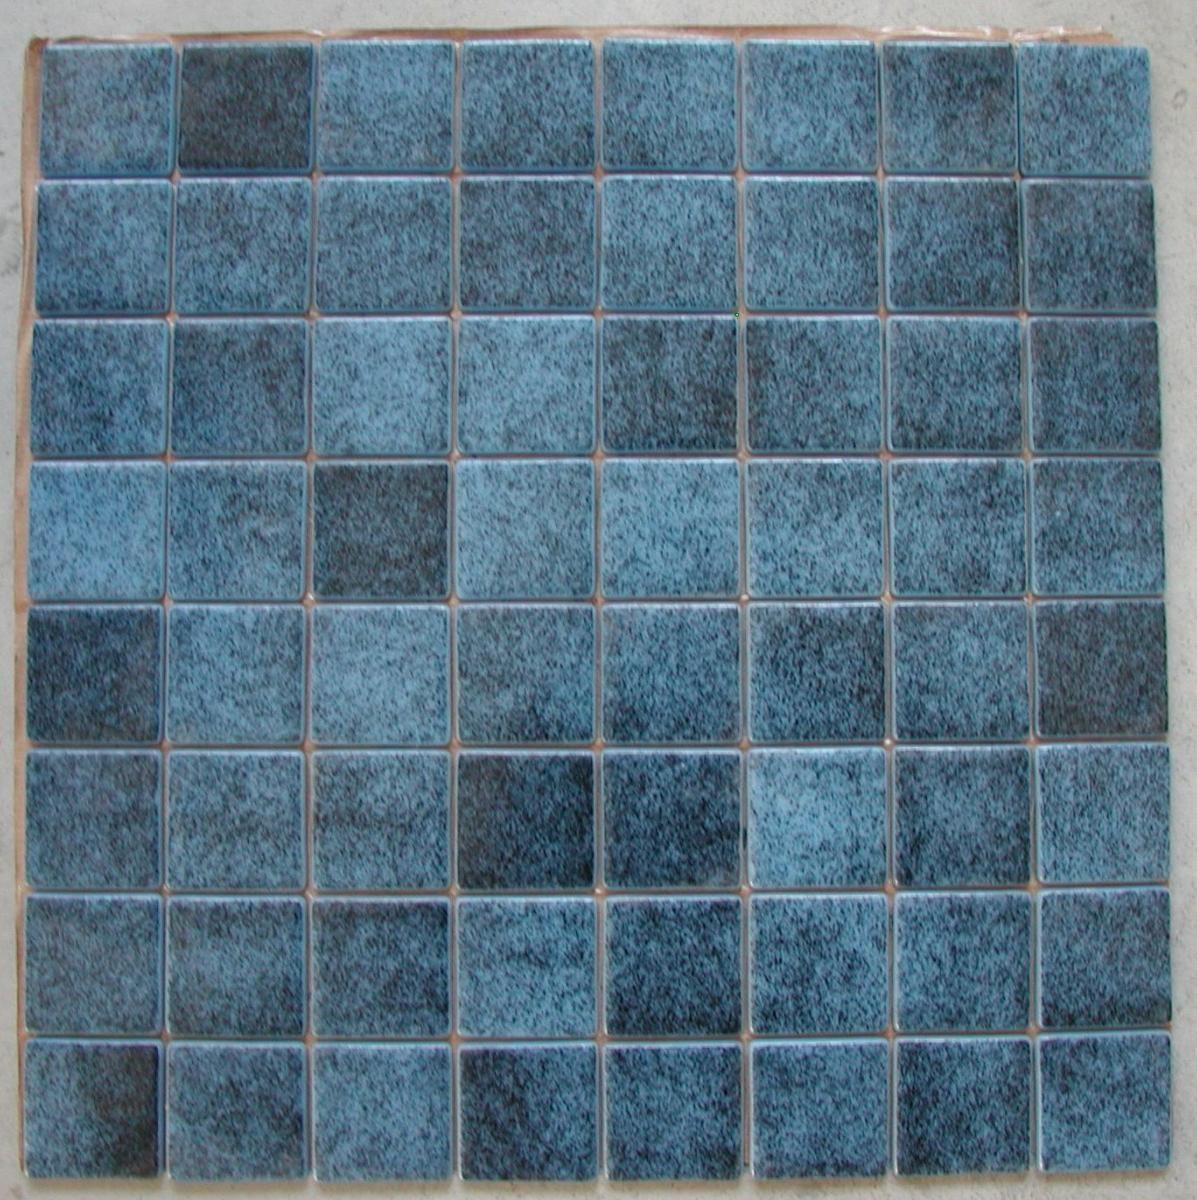 Fuite Robinet Mitigeur Salle De Bain ~ Mosa Que Carrelage Bleu Fonc Niagara 4 Cm Par Plaque Achat